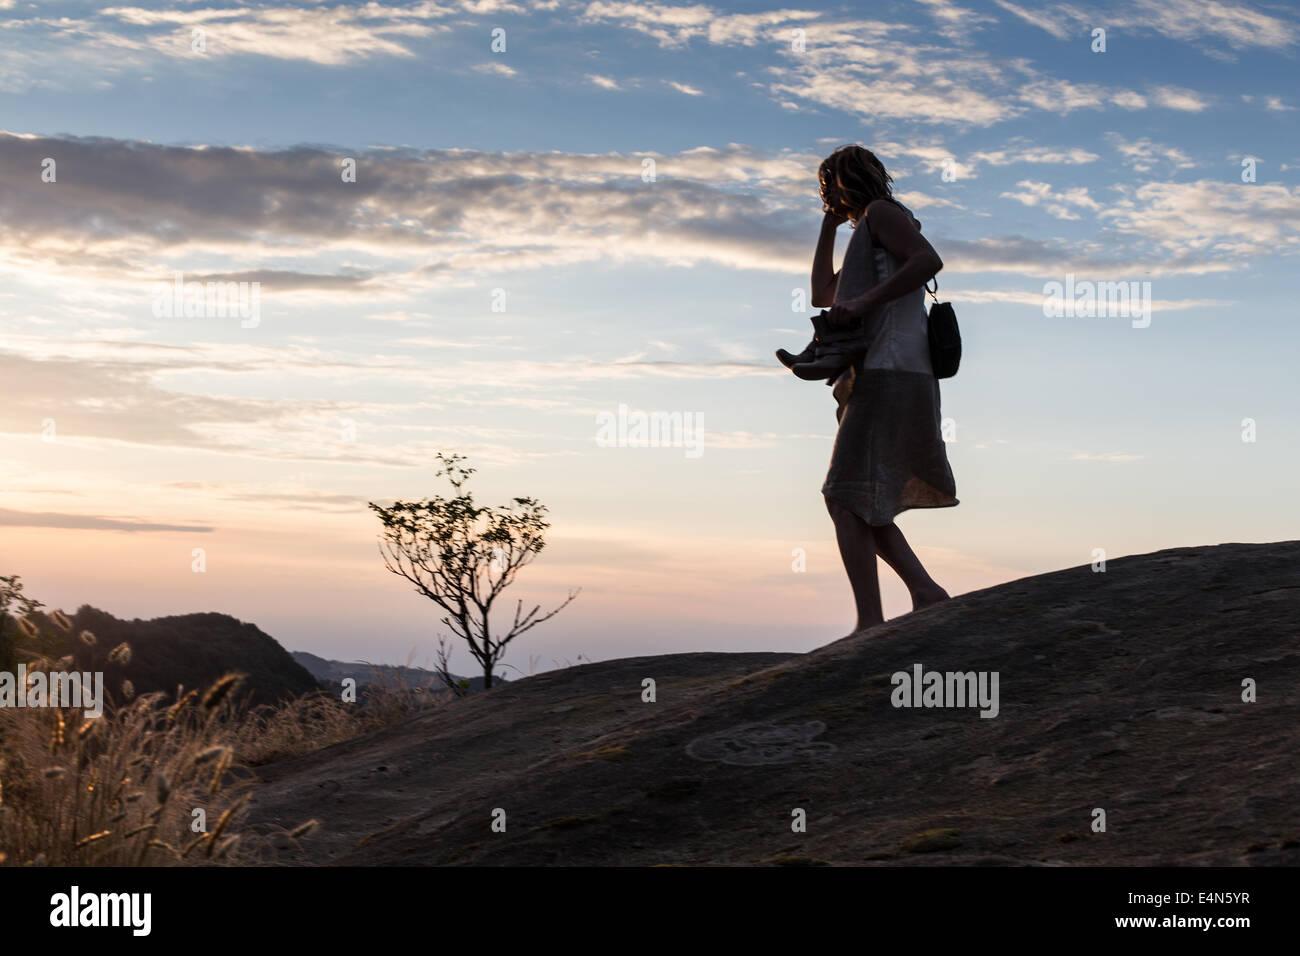 Silhouette di donna al telefono correre a piedi nudi attraverso colline remoto al crepuscolo azienda di scarpe in Immagini Stock